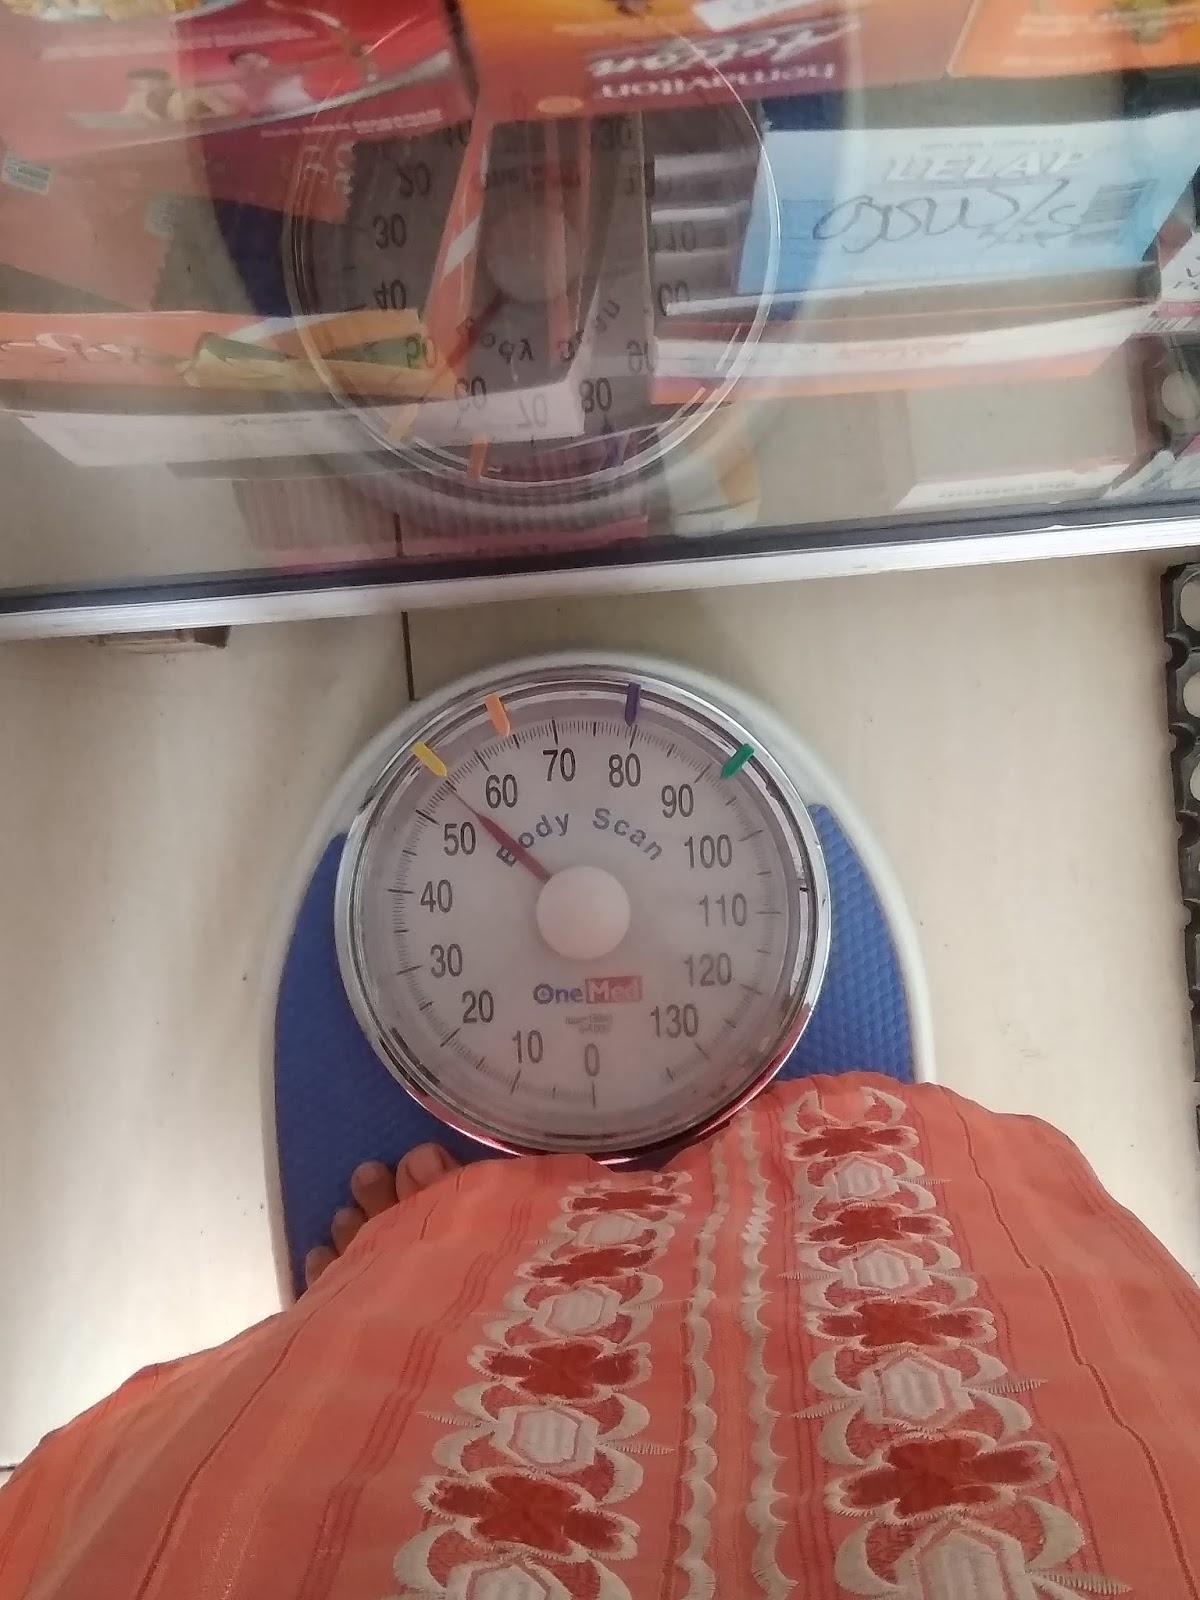 Pengalaman Turun 18 Kg tanpa Pantang Garam & Cukup Minum Air Putih